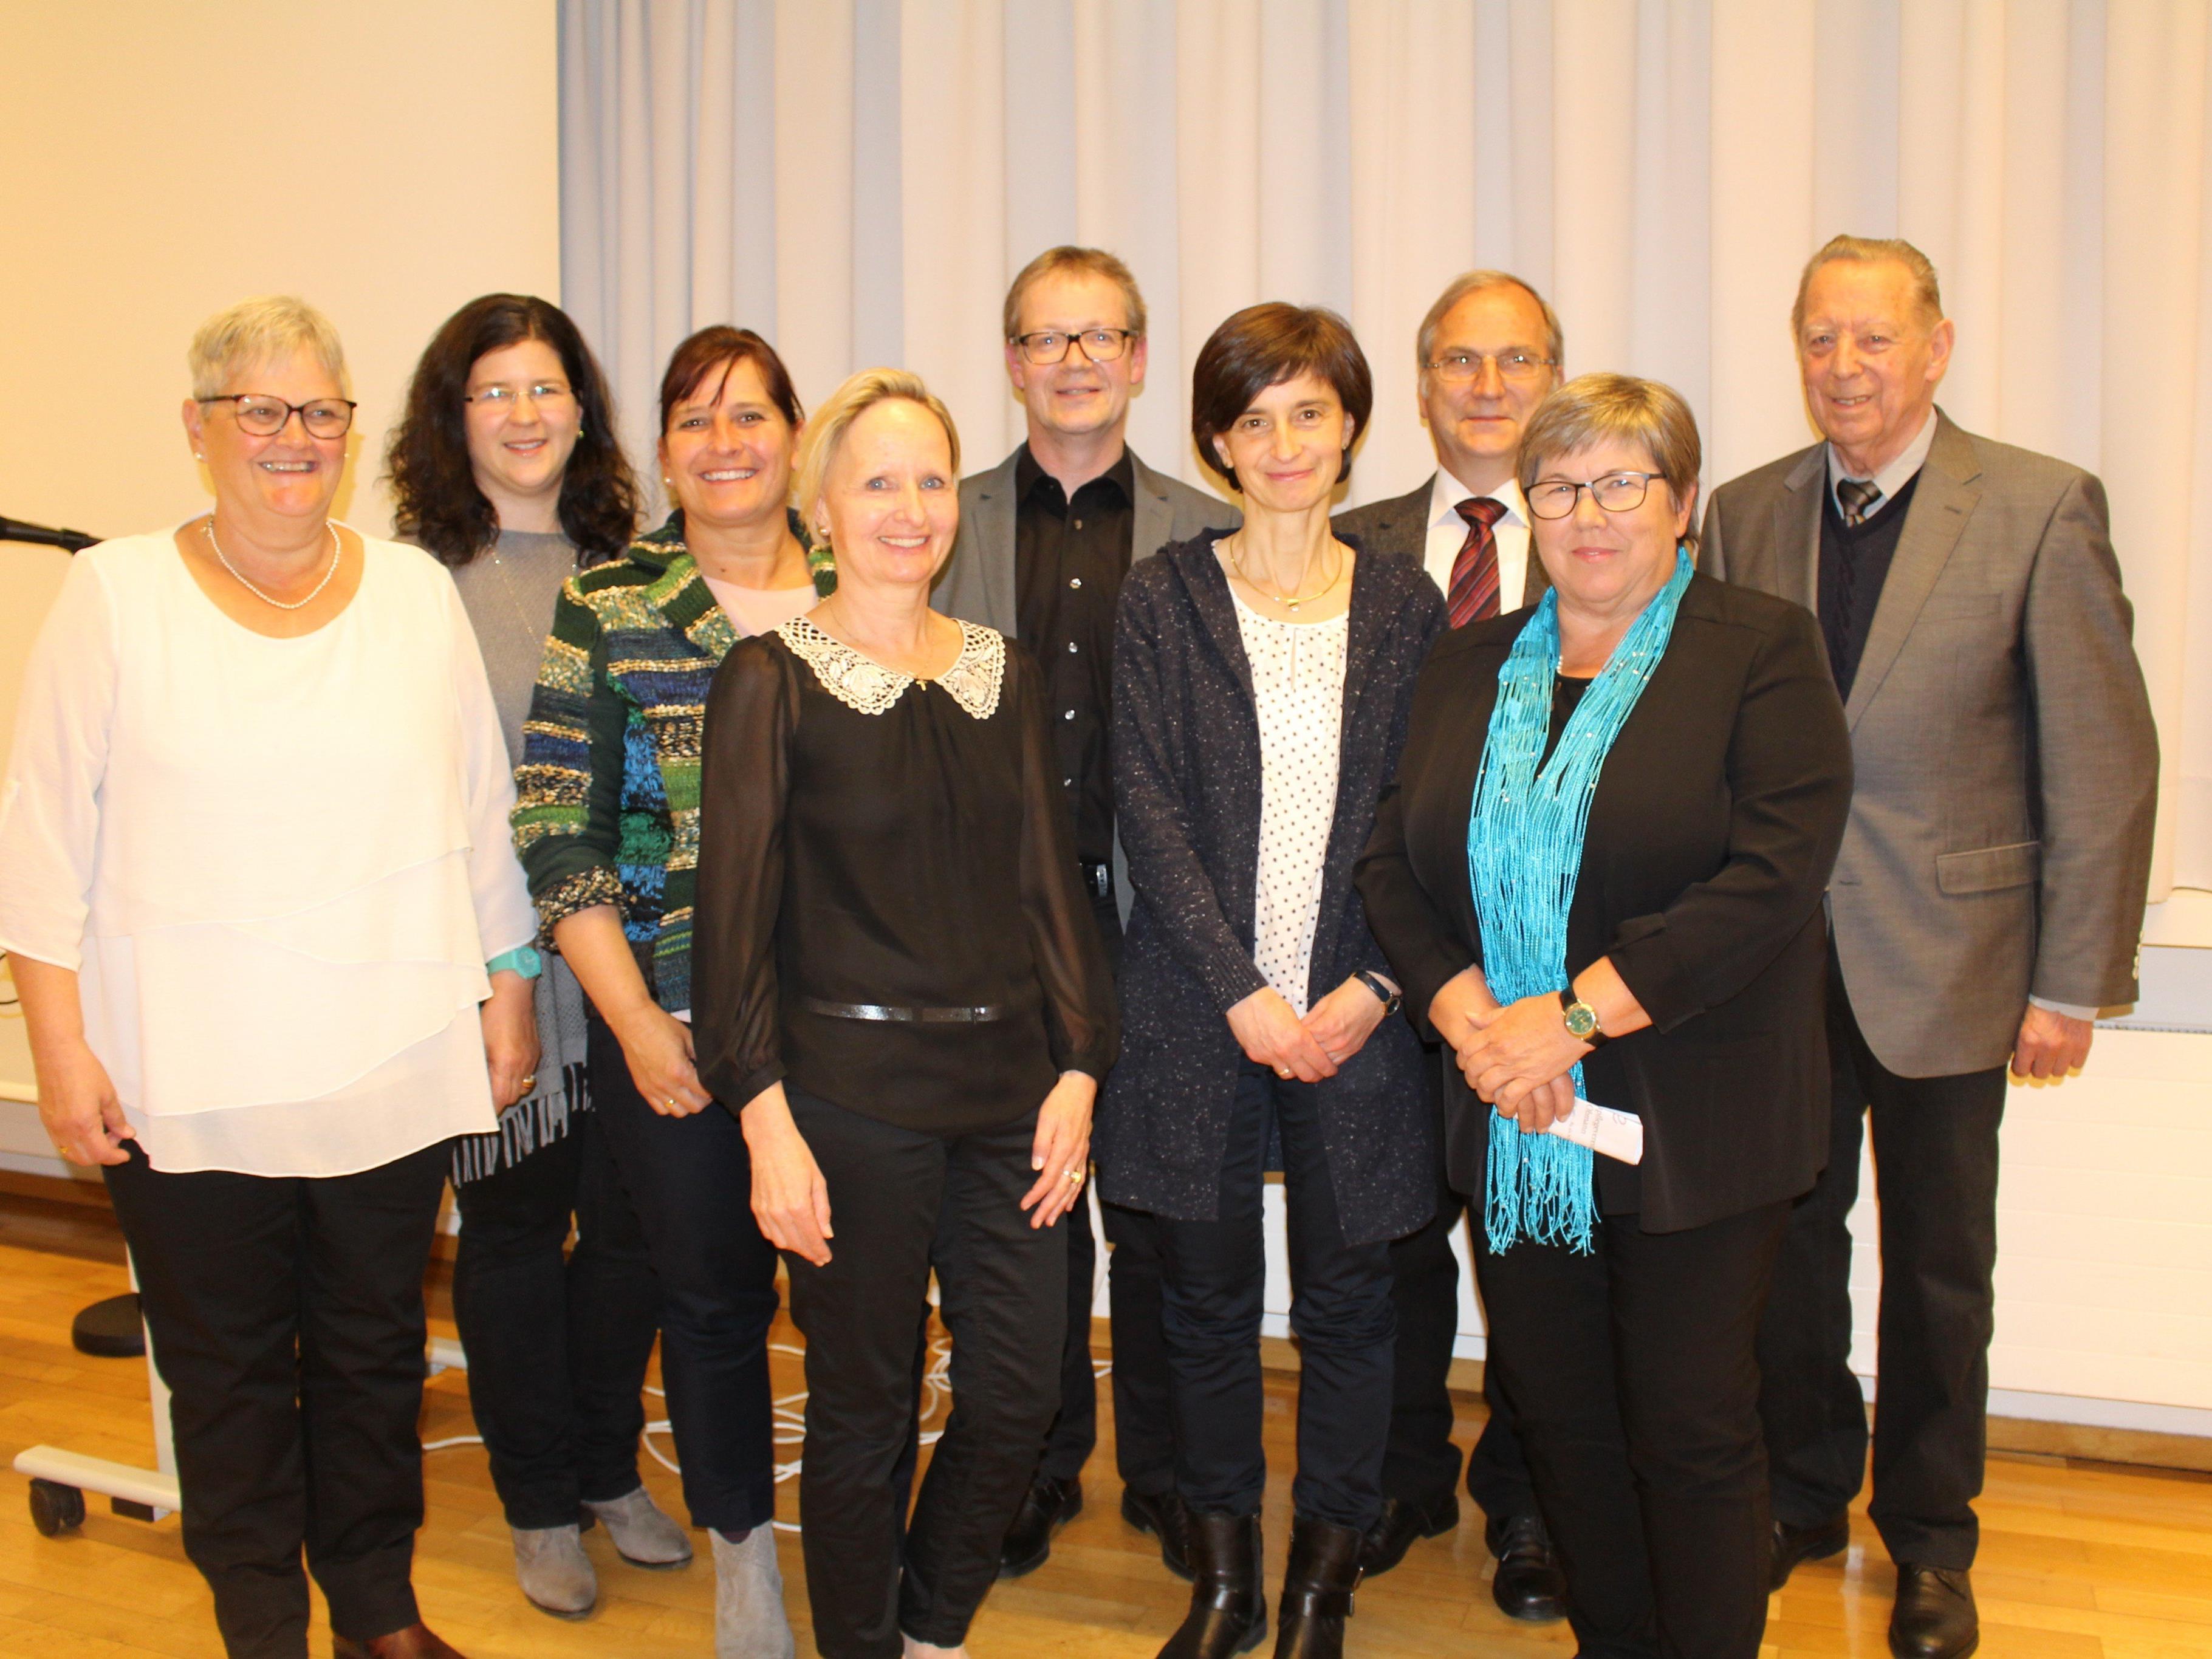 Der neue Vorstand des Krankenpflegevereins sowie Ehrenobmann Elmar Hosp und Bürgermeister Eugen Gabriel.